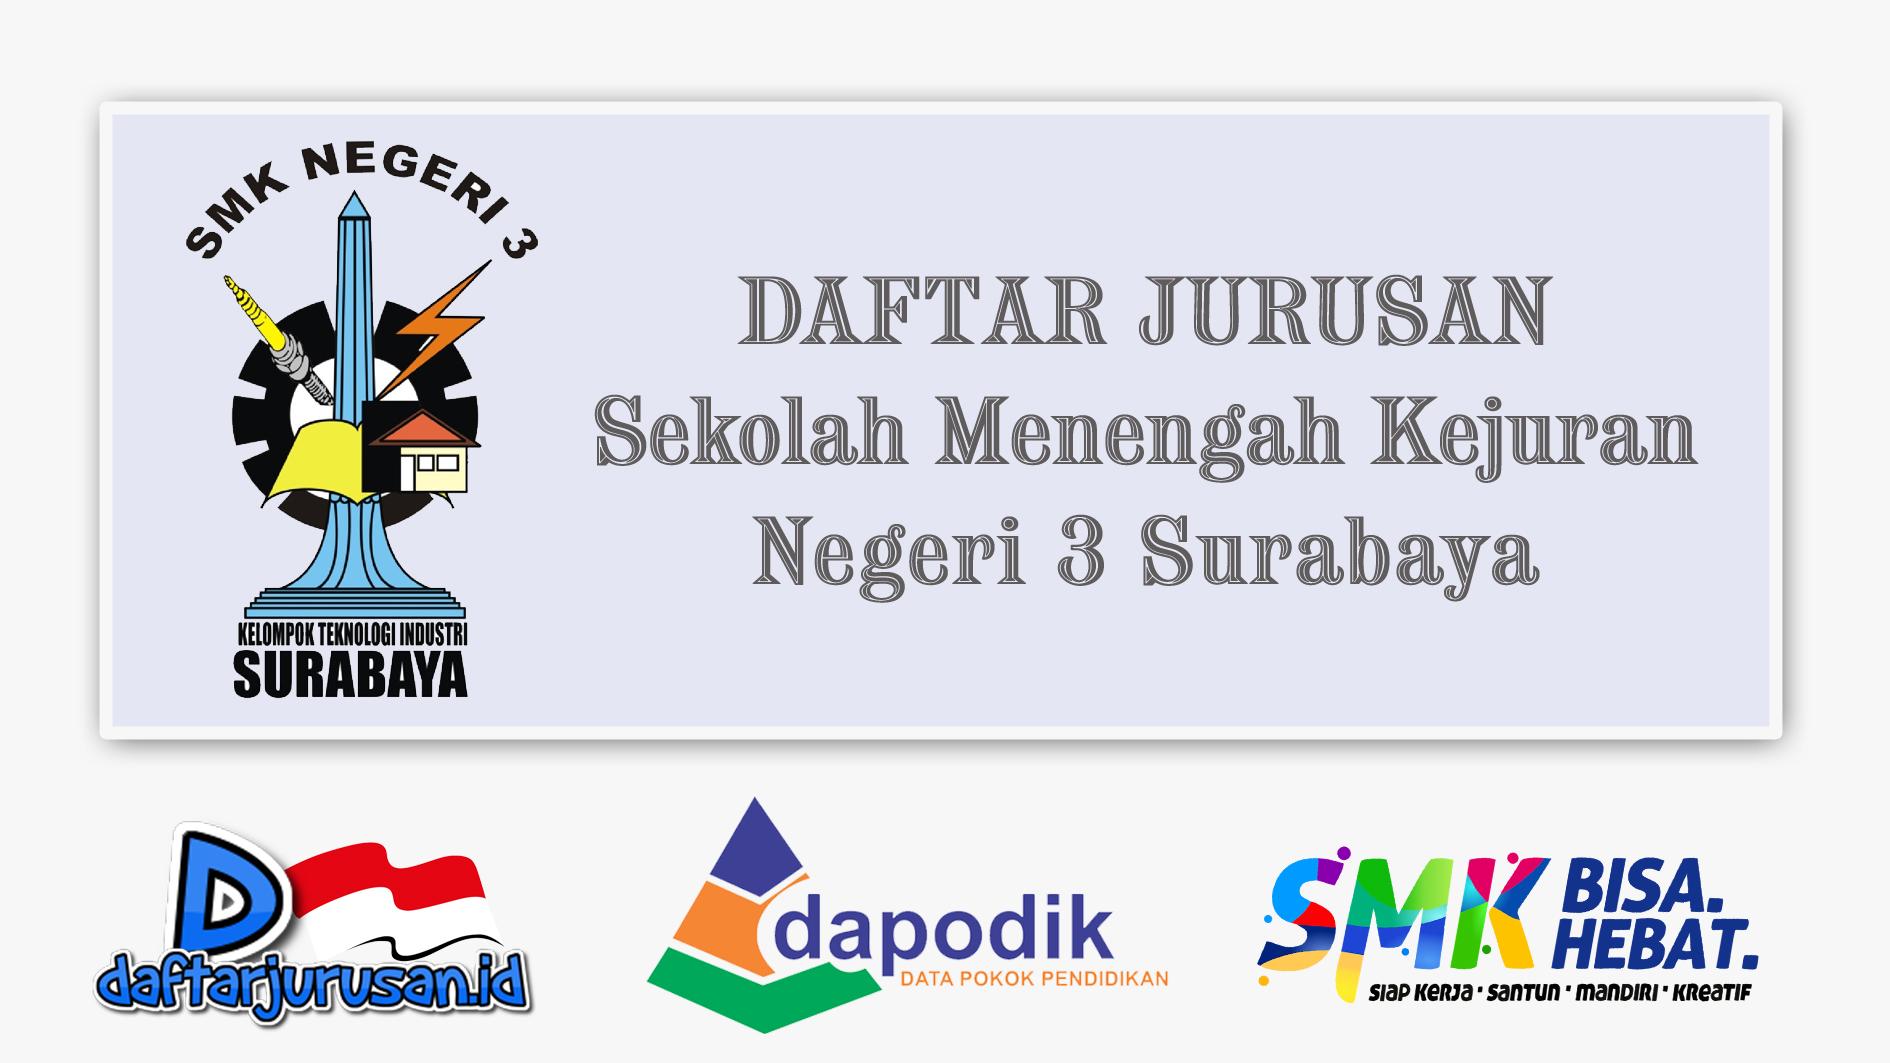 Daftar Jurusan SMK Negeri 3 Surabaya